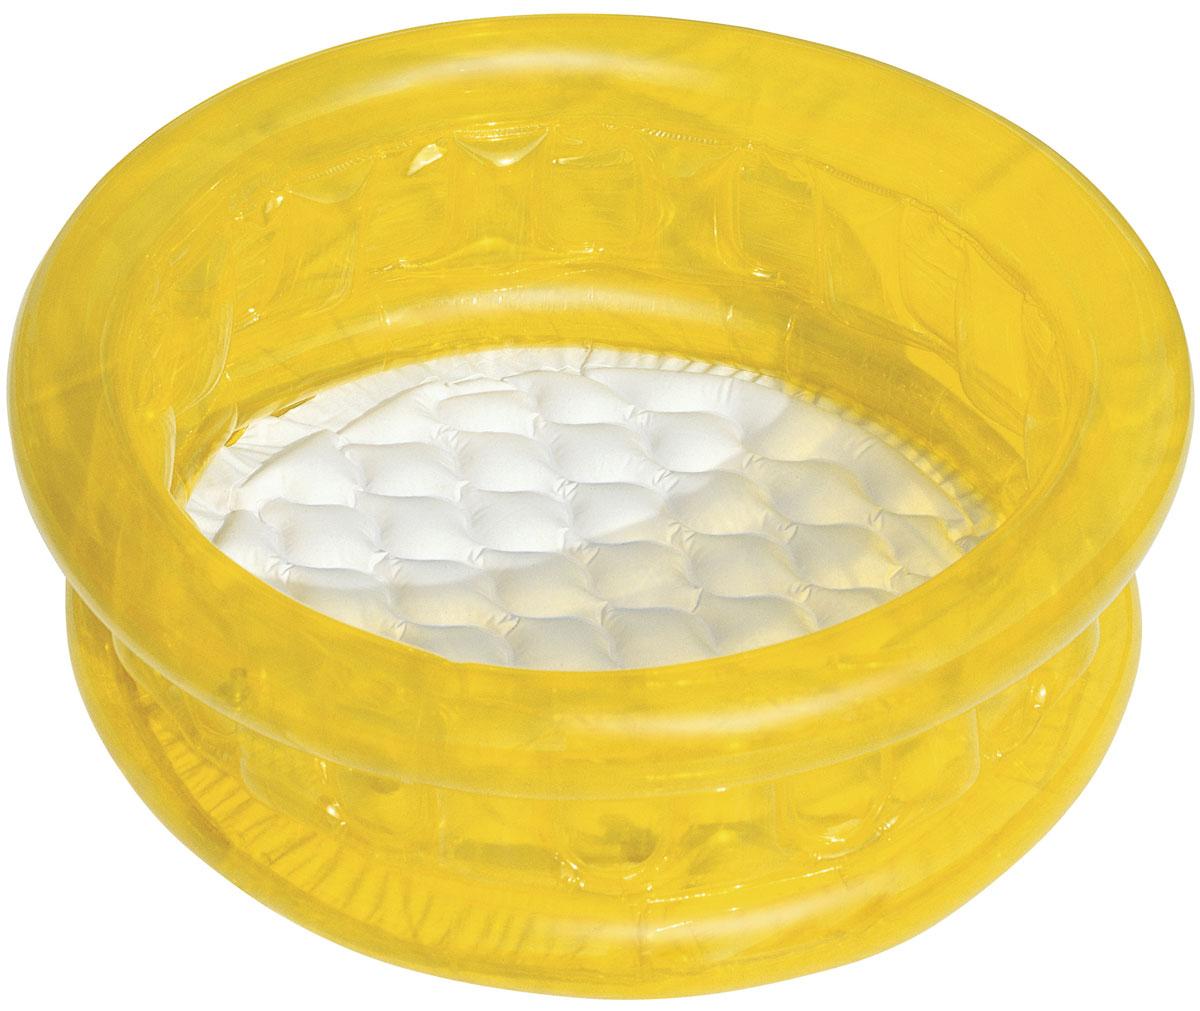 Bestway Бассейн надувной детский, 26 л. Желтый.